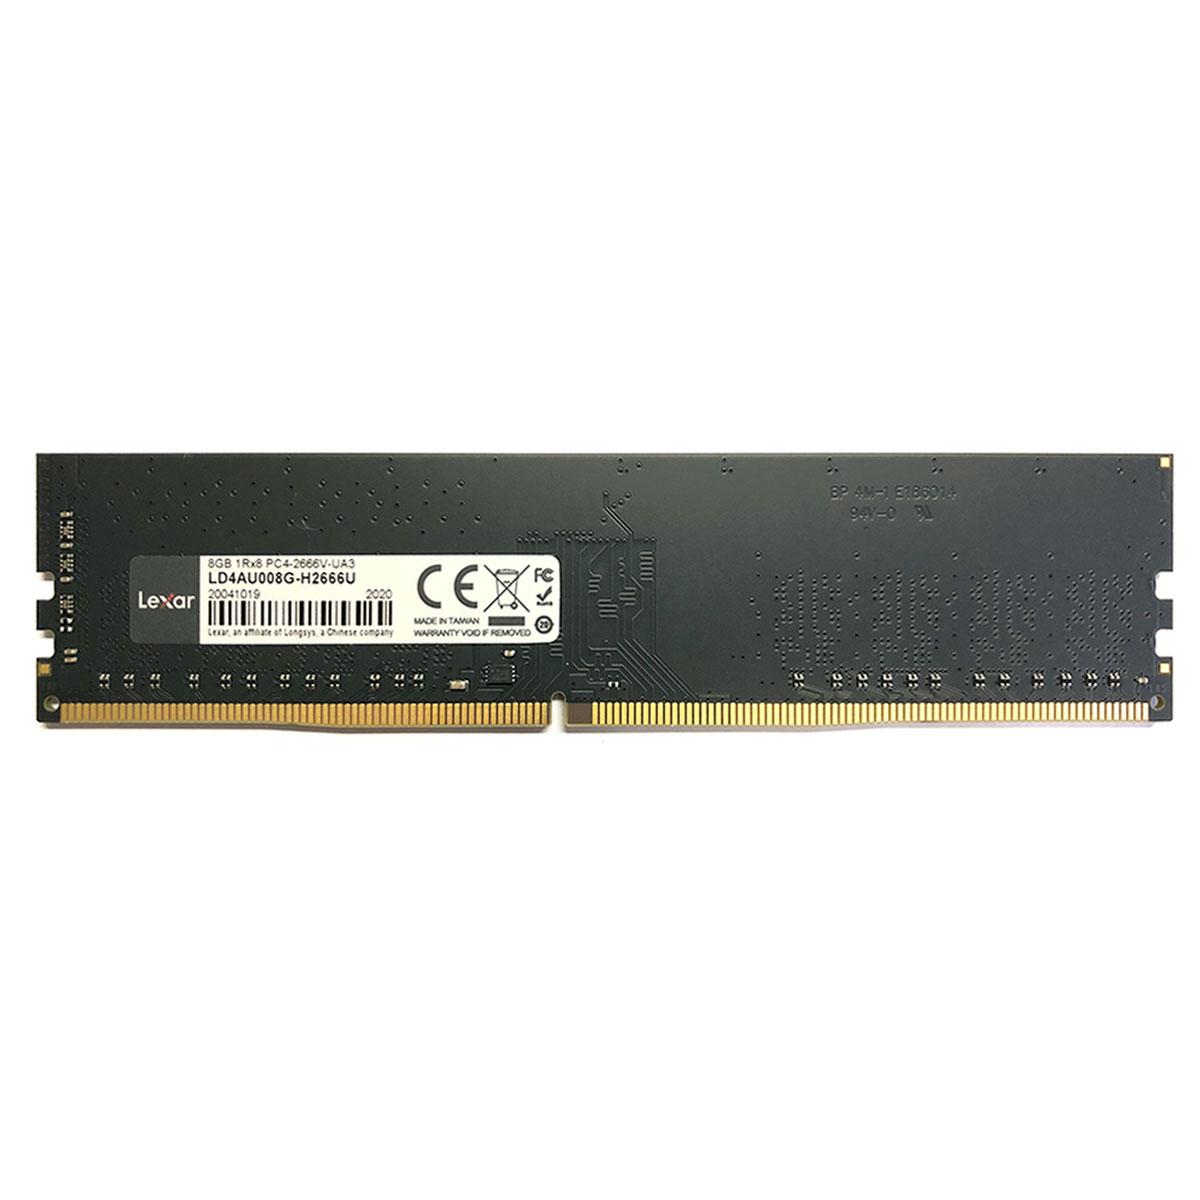 Memória 8GB Lexar DDR4, 2666MHz, CL19 - LD4AU008G-R2666U